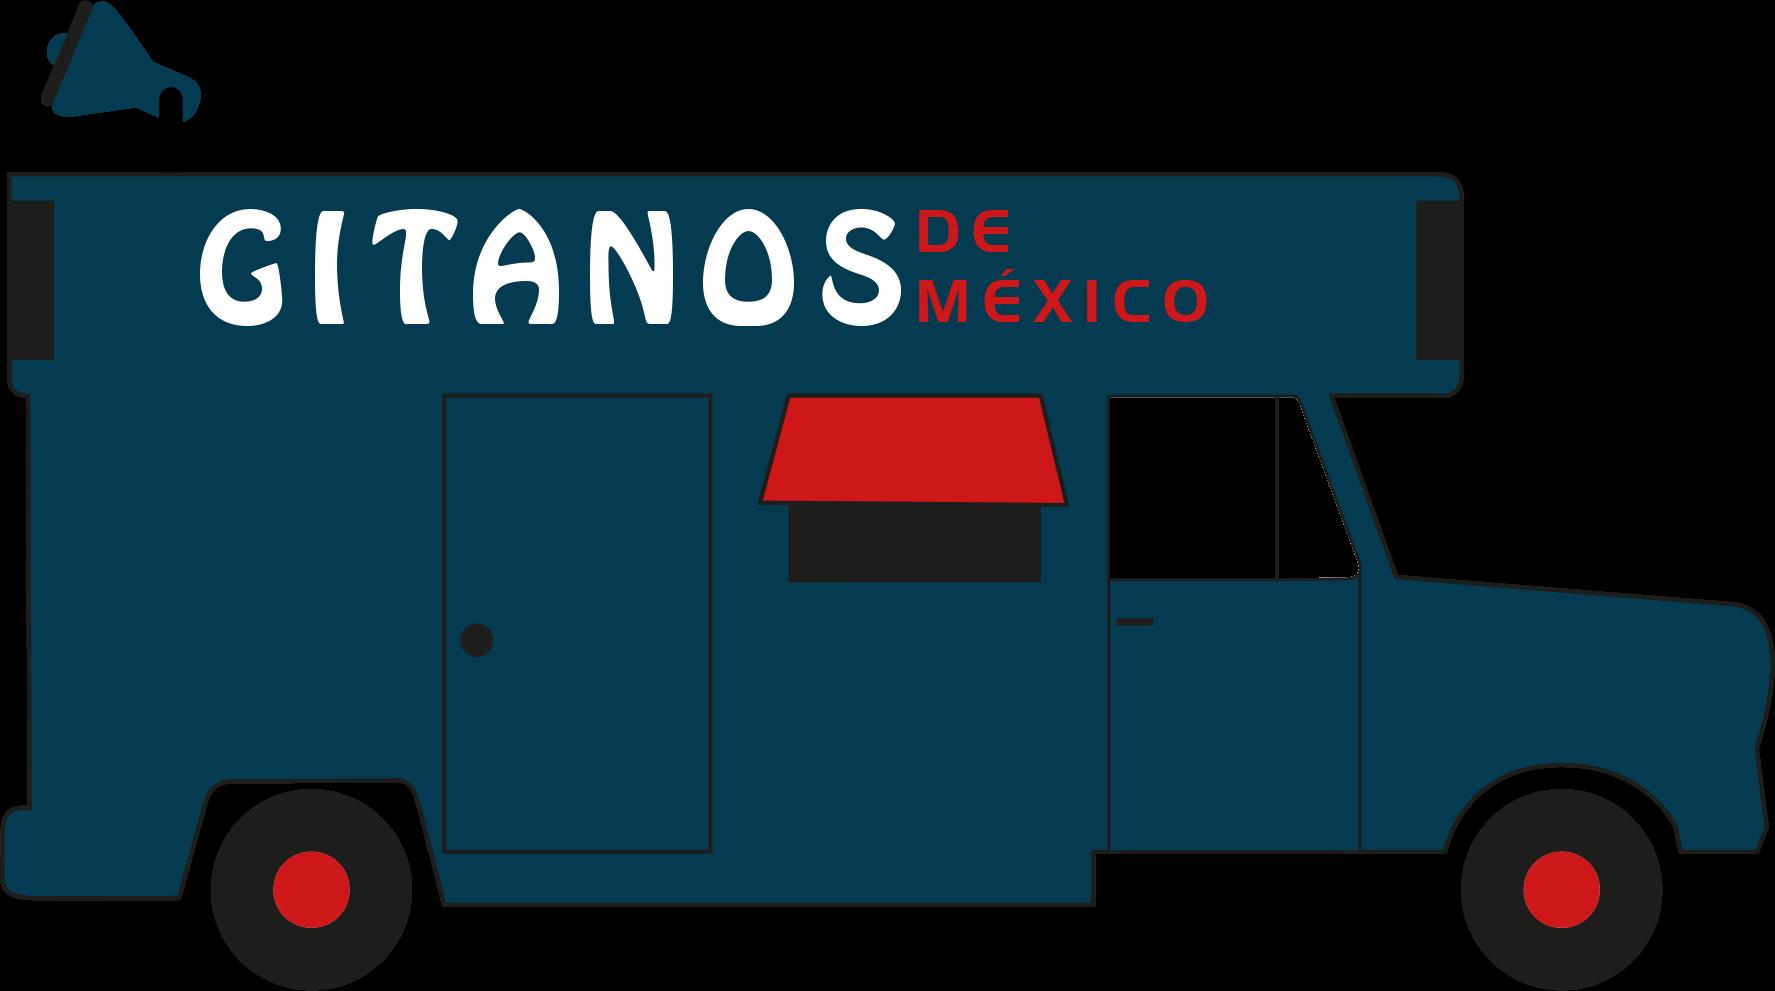 Gitanos de México